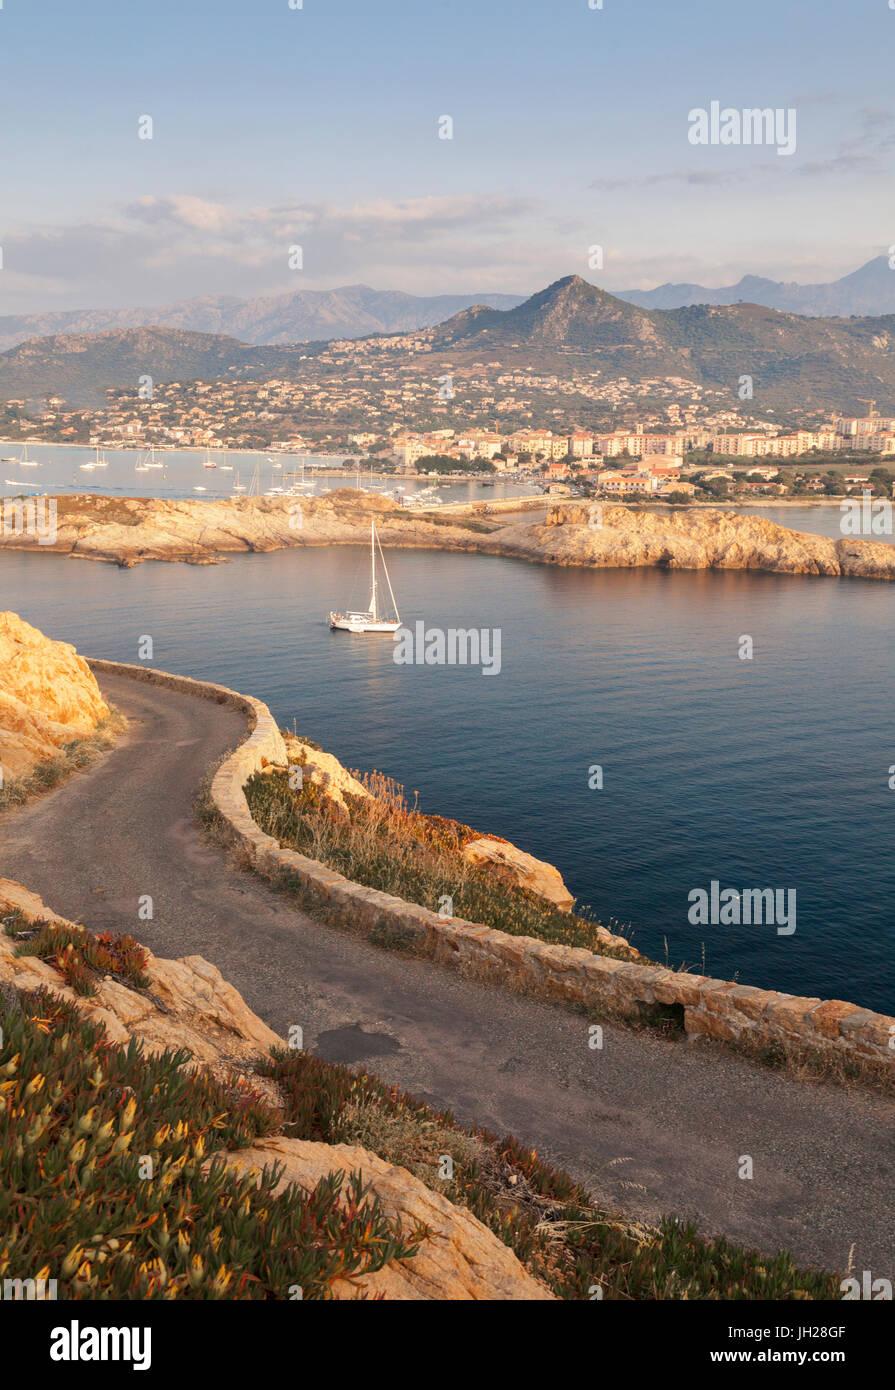 Un voilier dans la mer claire autour du village de l'Ile Rousse au coucher du soleil, Balagne, Corse, France, Photo Stock